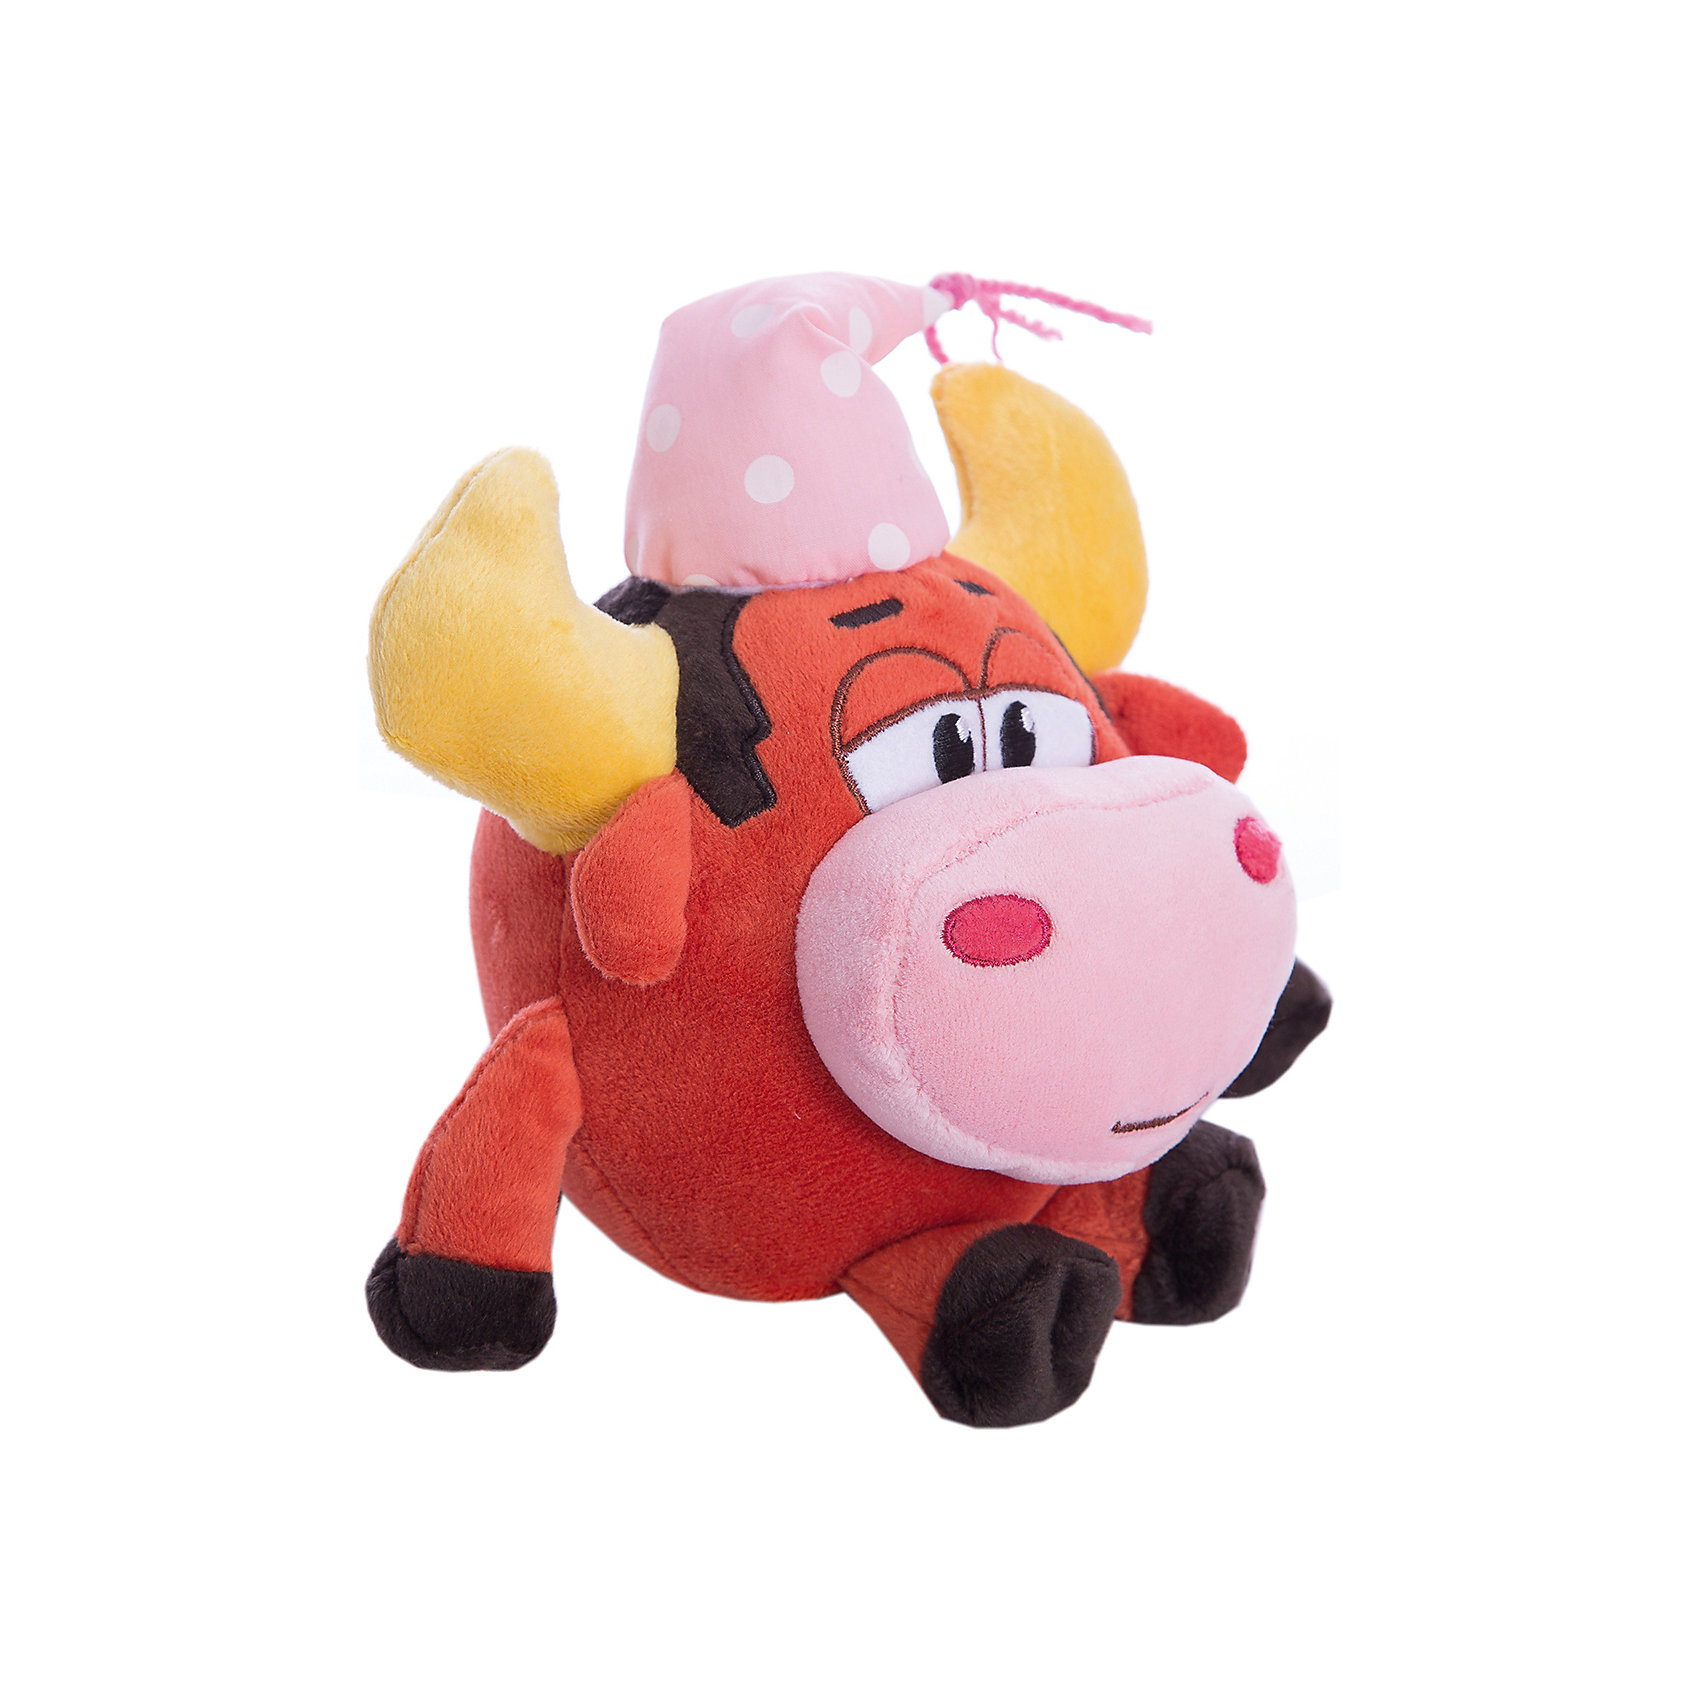 Мягкая игрушка Муля, 20 см, СмешарикиОчаровательный Муля, герой известного мультсериала, обязательно понравится малышам! Яркая игрушка очень мягкая и приятная на ощупь, изготовлена из высококачественных гипоаллергенных материалов безопасных для детей.<br><br>Дополнительная информация:<br><br>- Материал: плюш, текстиль, синтепон. <br>- Размер: 20 см.<br><br>Мягкую игрушку Мулю, 20 см, Смешарики, можно купить в нашем магазине.<br><br>Ширина мм: 200<br>Глубина мм: 170<br>Высота мм: 200<br>Вес г: 250<br>Возраст от месяцев: 36<br>Возраст до месяцев: 72<br>Пол: Унисекс<br>Возраст: Детский<br>SKU: 4240029